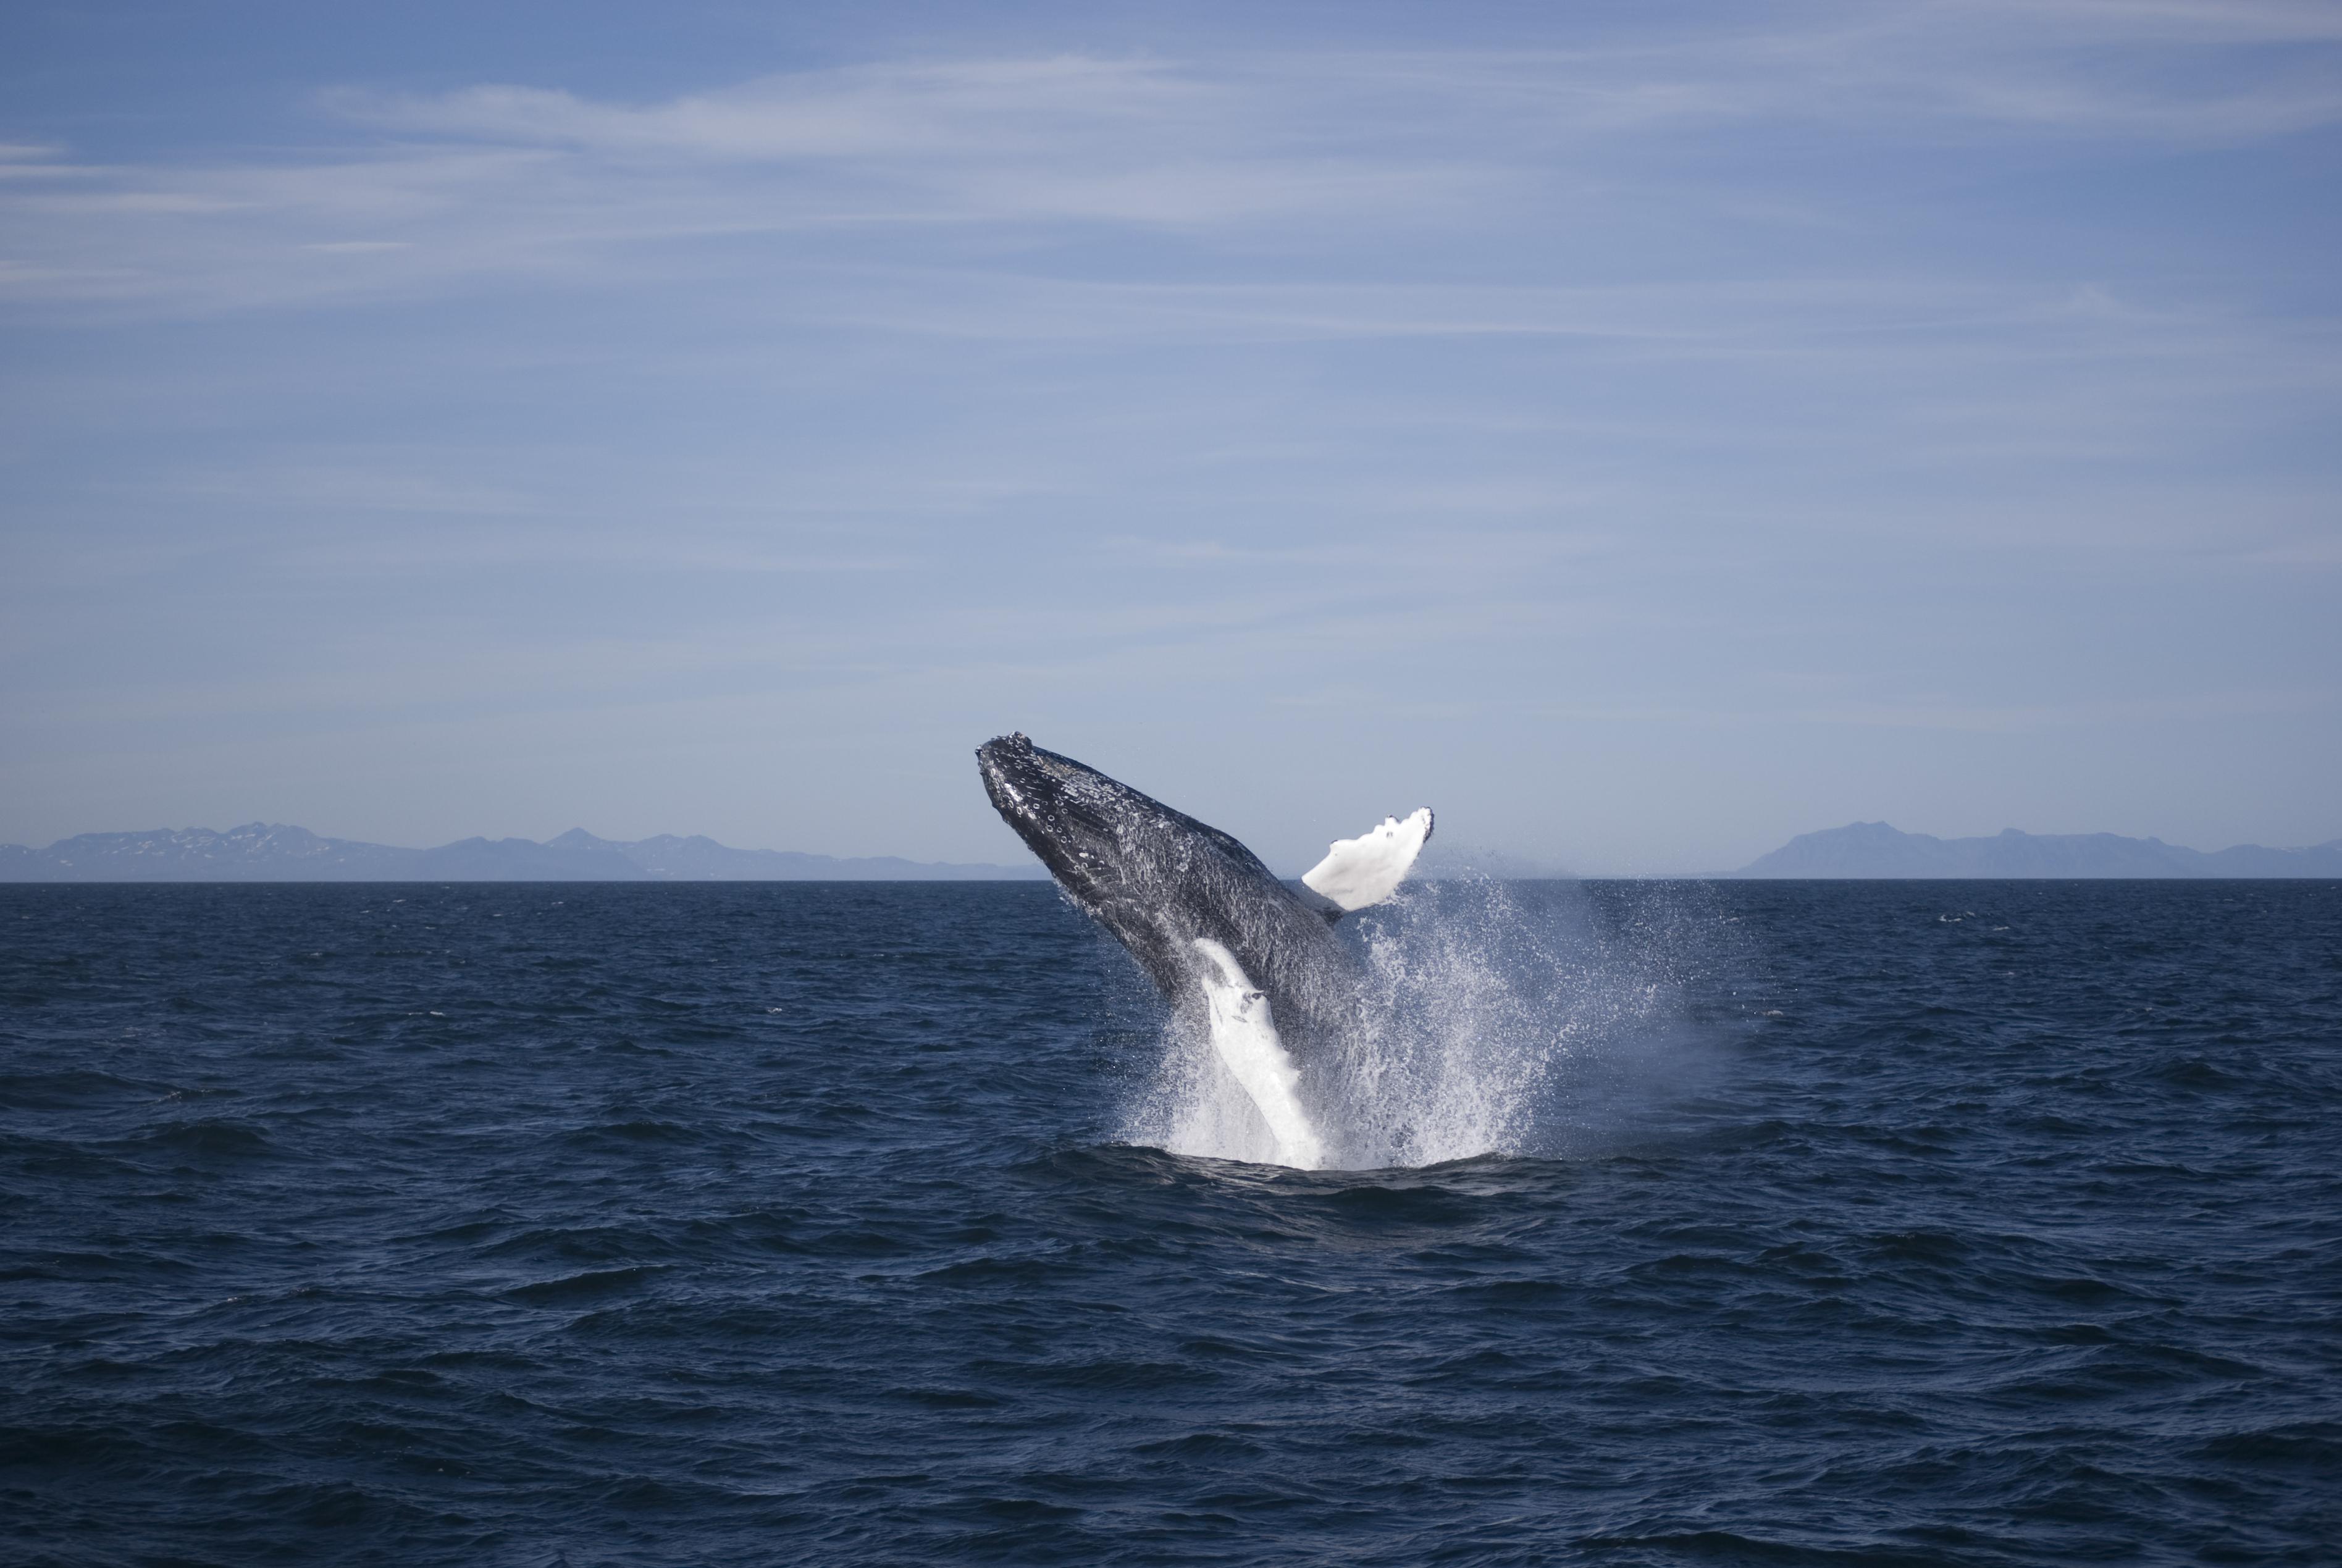 雷克雅未克Faxaflói海湾中生活着各种鲸鱼,座头鲸是最常见的一种